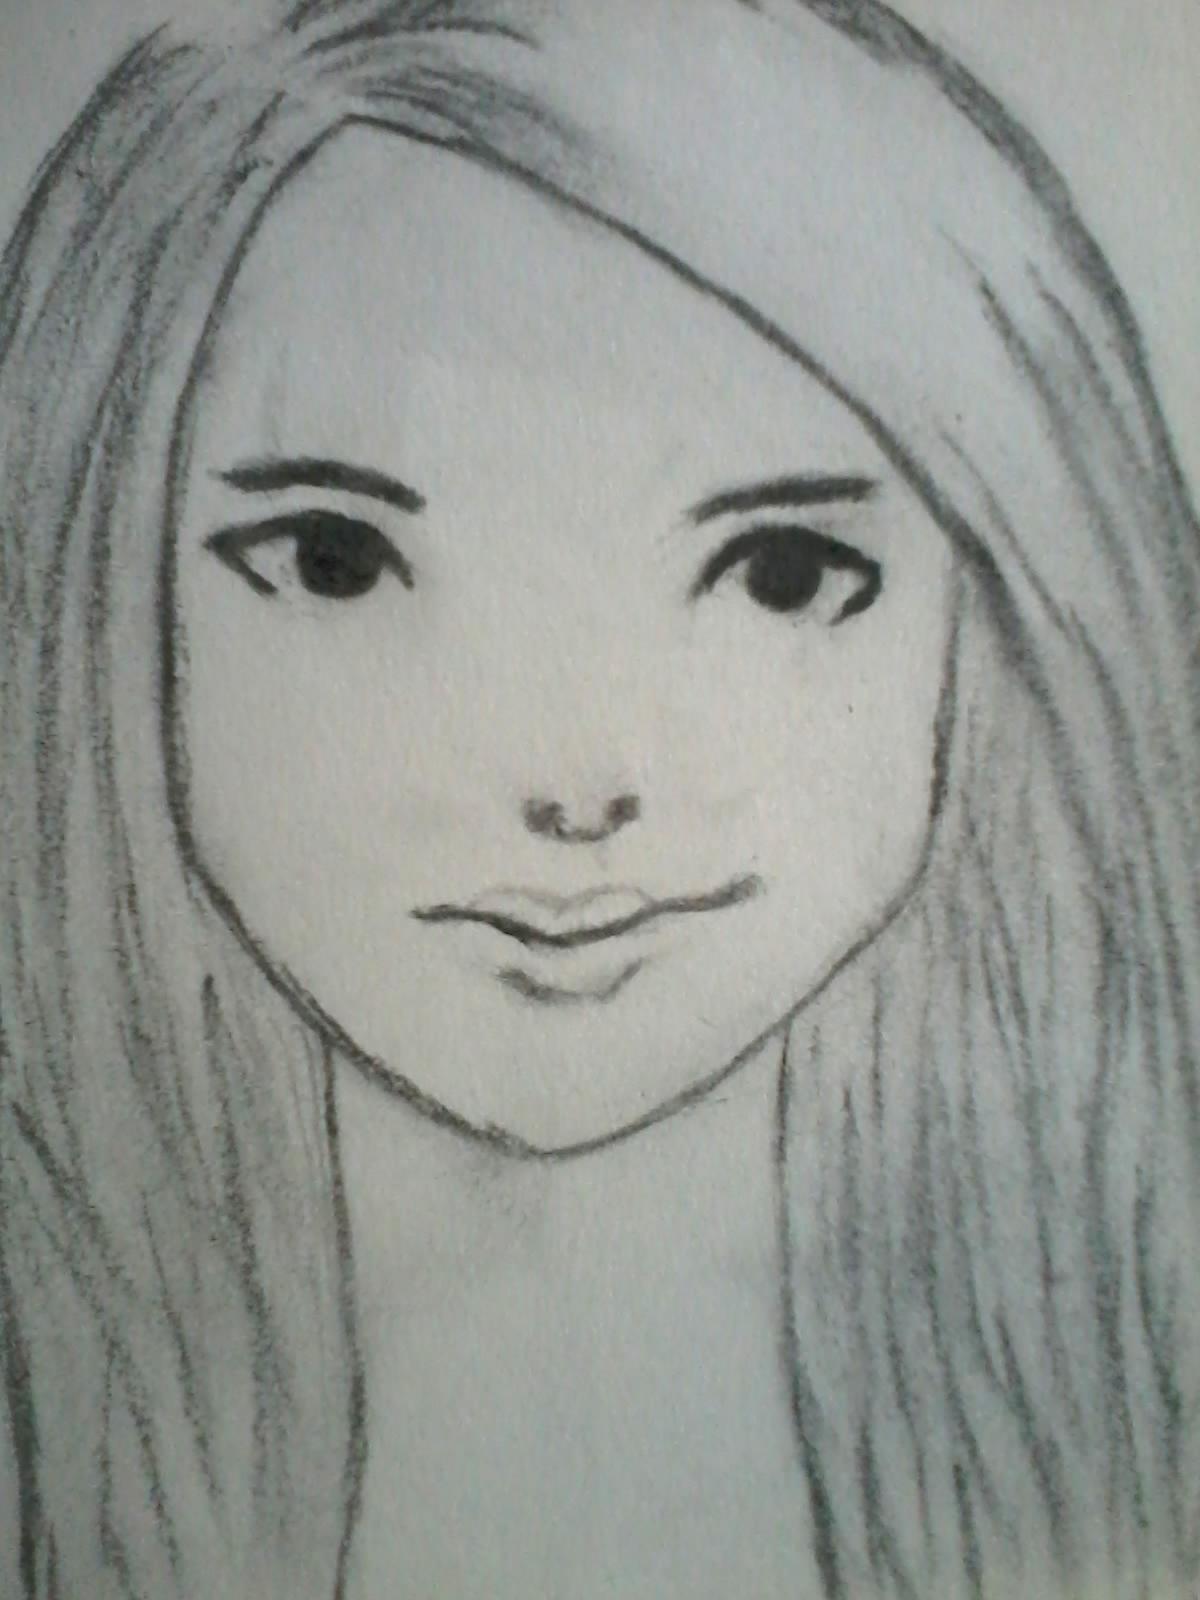 Alice Sketches Szkice Dziewczyn Sketches Of Girls